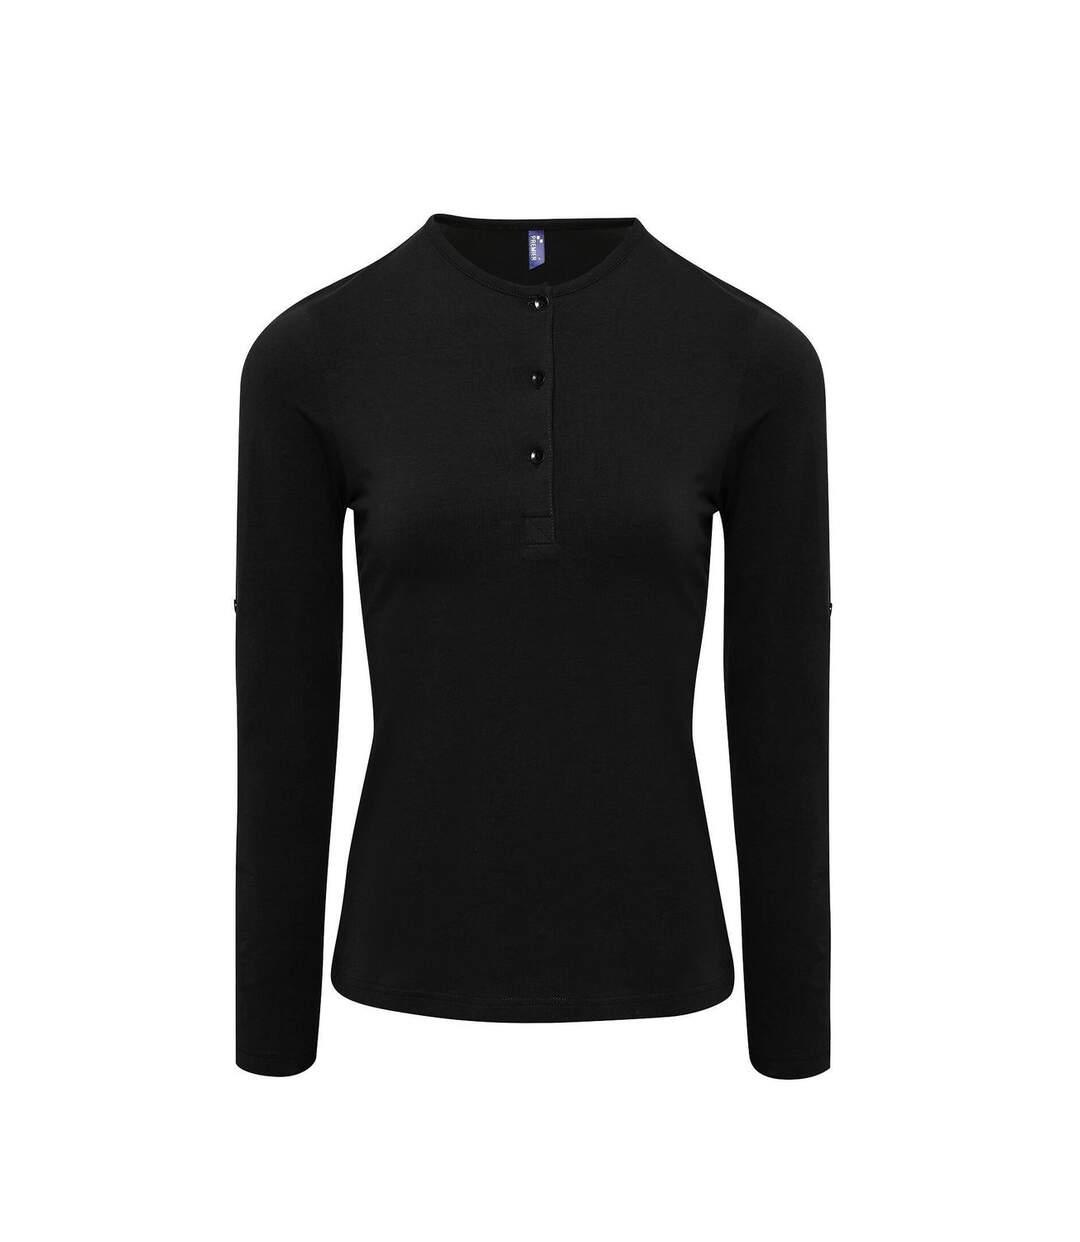 Dégagement T-shirt henley manches retroussables Femme PR318 noir dsf.d455nksdKLFHG